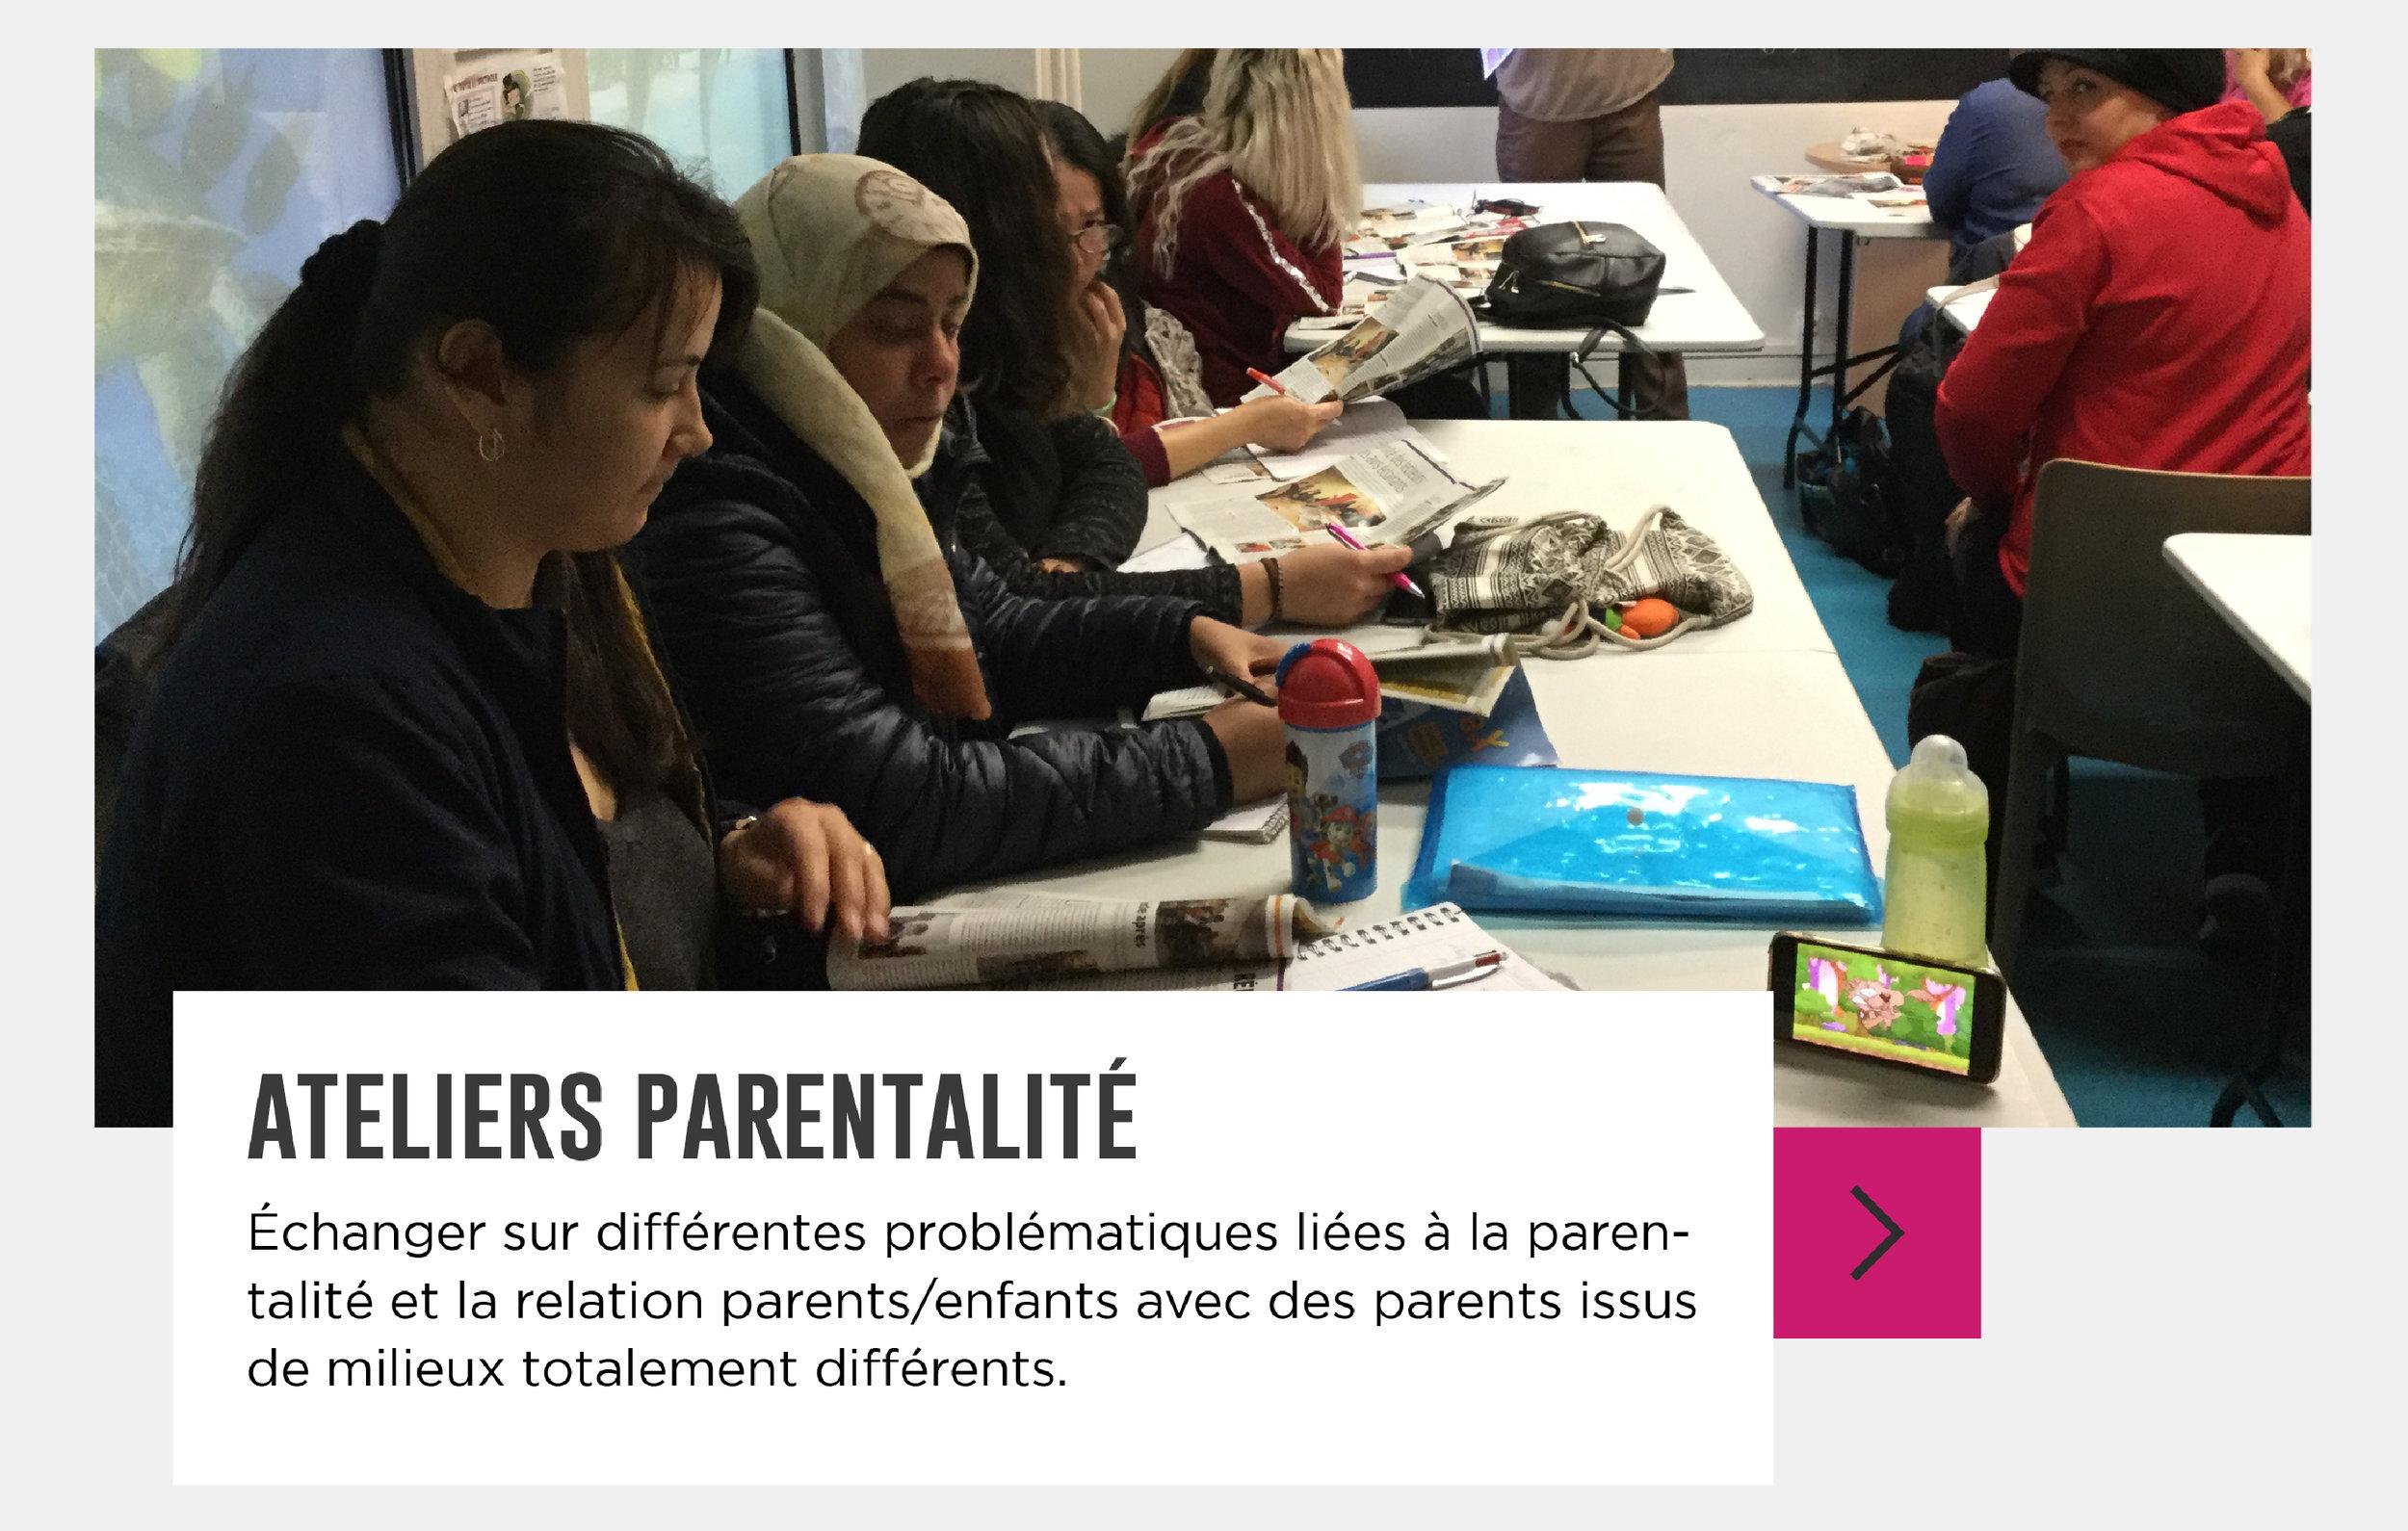 Ateliers parentalité_Plan de travail 1.jpg